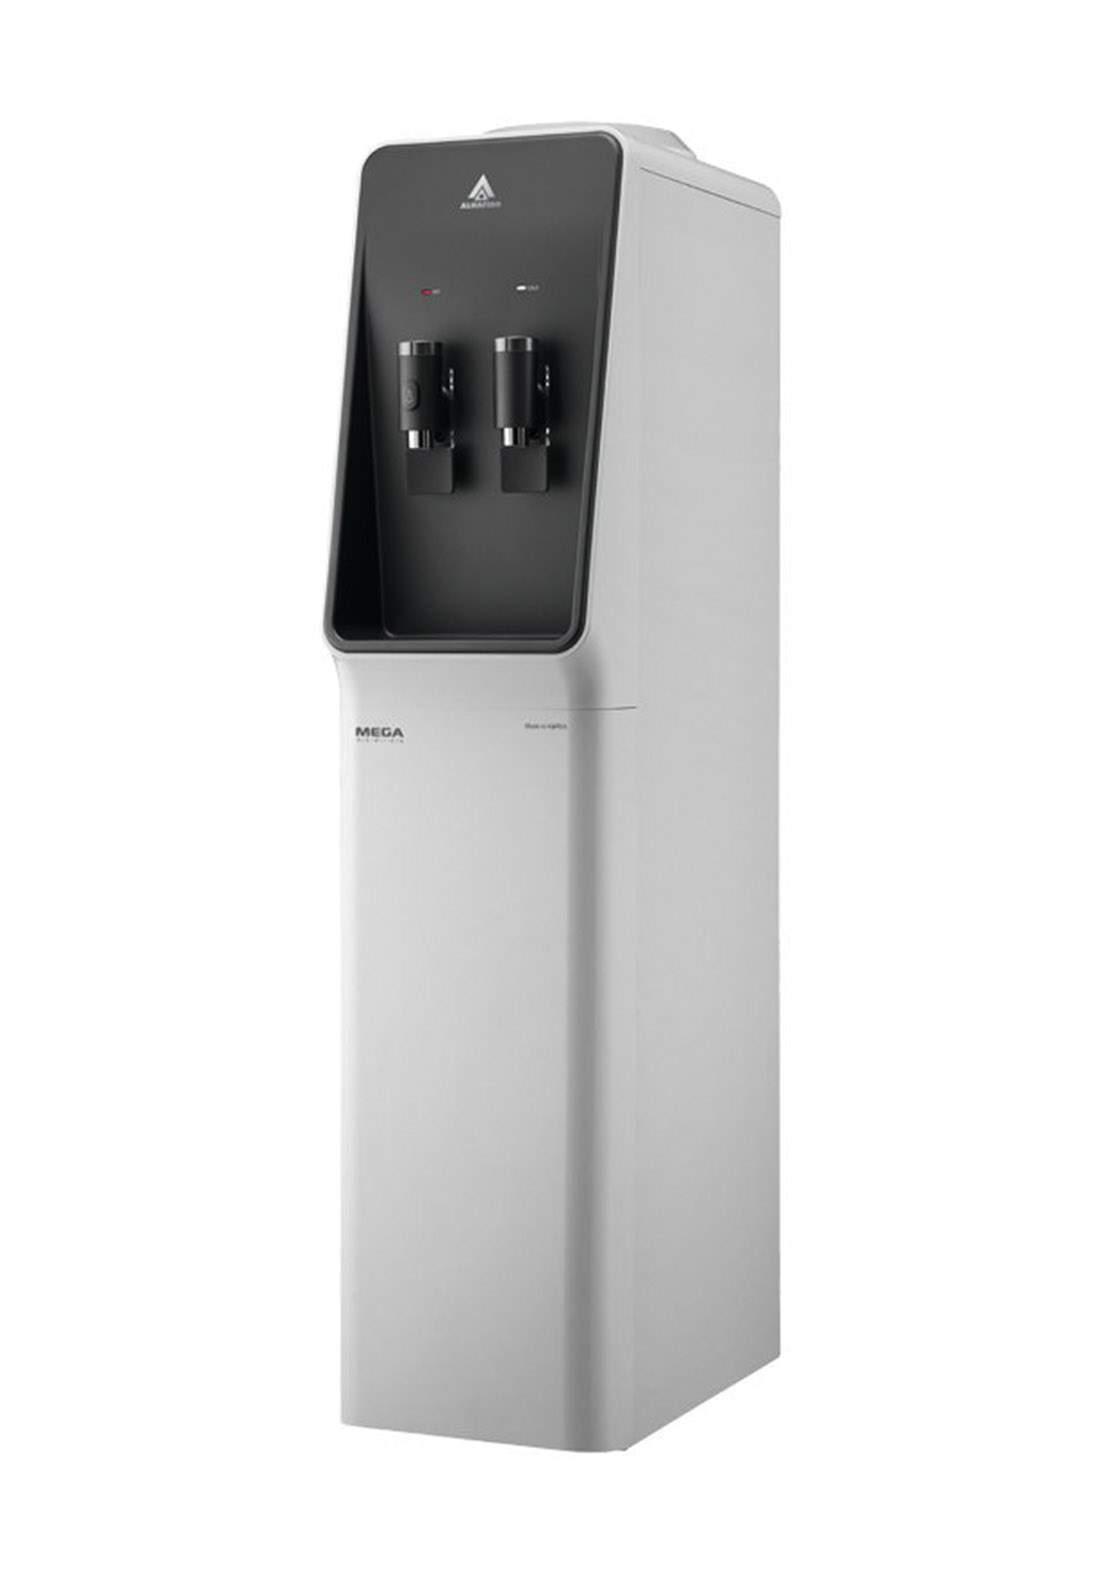 Alhafidh (DHA-980KWS) Free Standing Super Slim Water Dispenser براد ماء عمودي